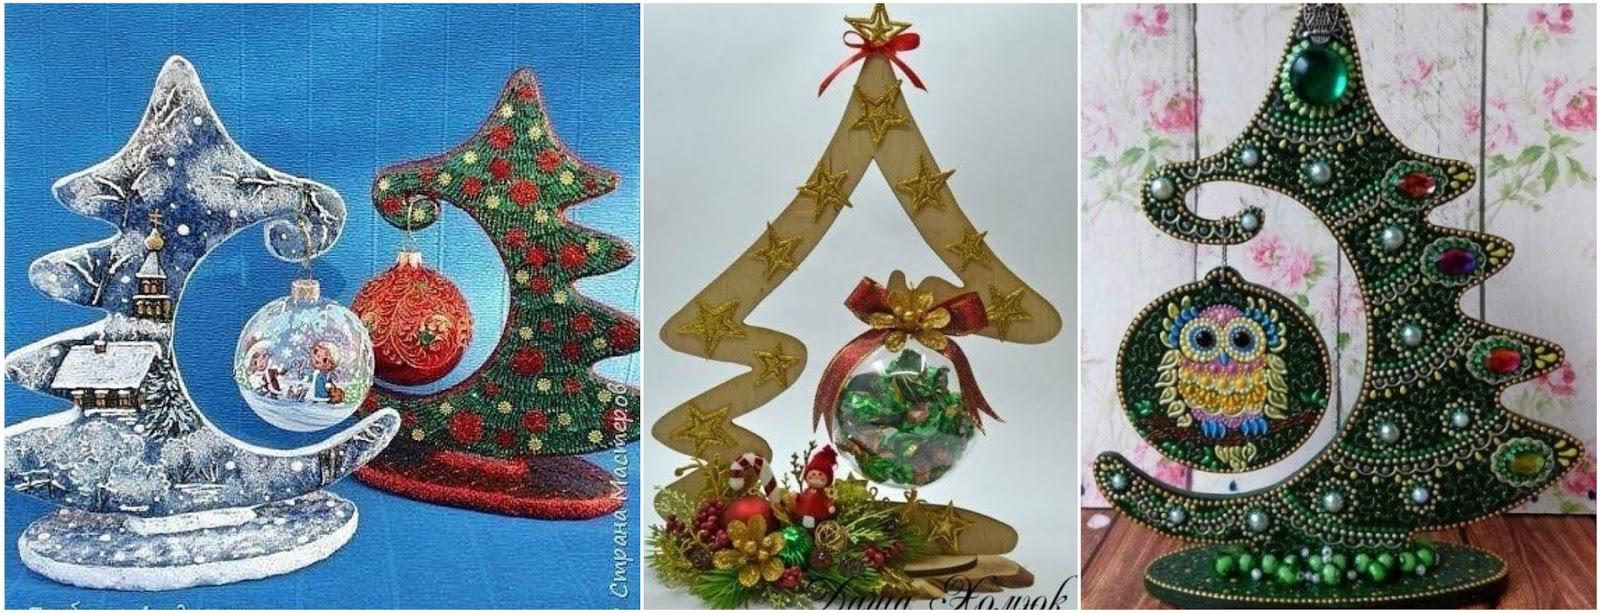 Como Hacer Adornos De Navidad Reciclados Cmo Hacer Adornos Navideos